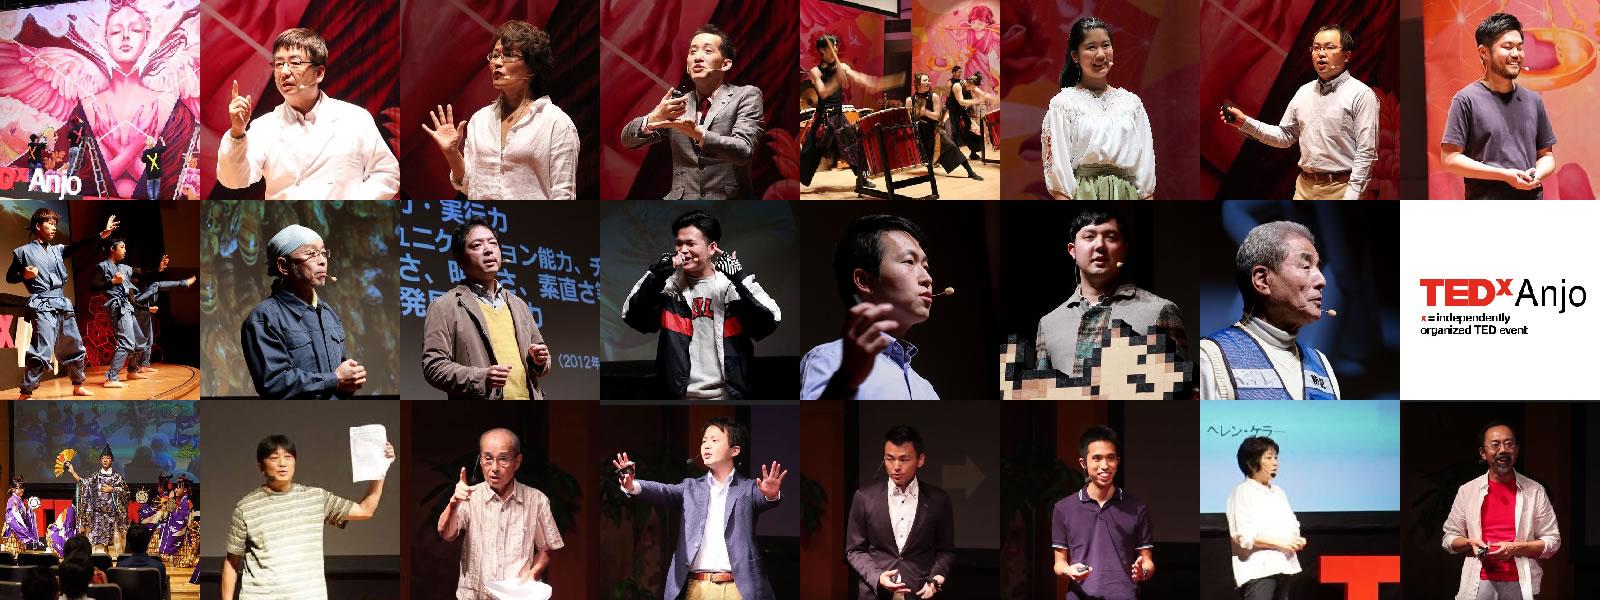 TEDxAnjo全てのトークをご紹介します